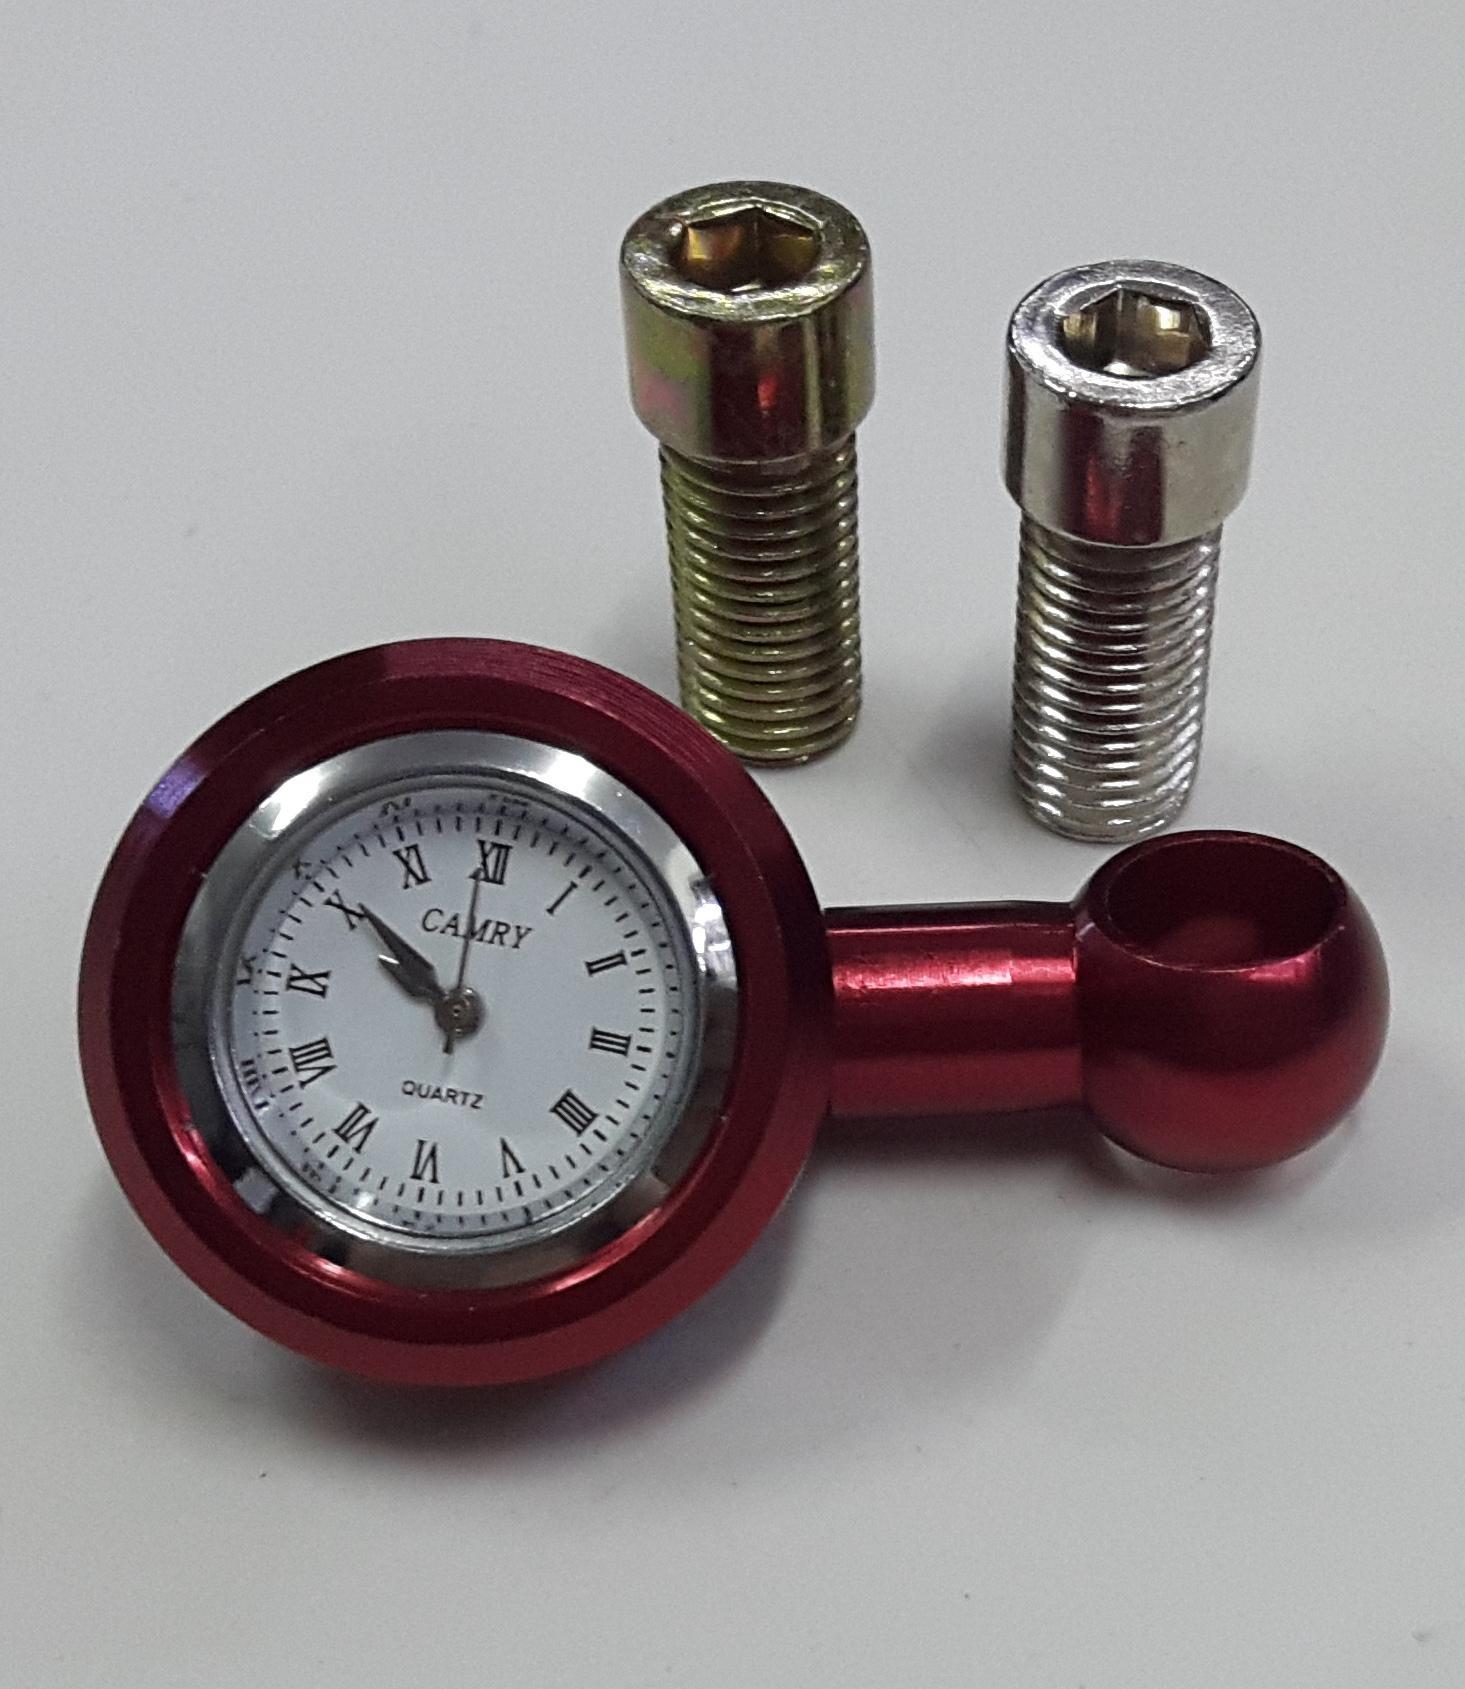 Đồng hồ chân gương xe máy Rizoma màu đỏ + Tặng 1 ốc ren thuận và 1 ốc ren ngược